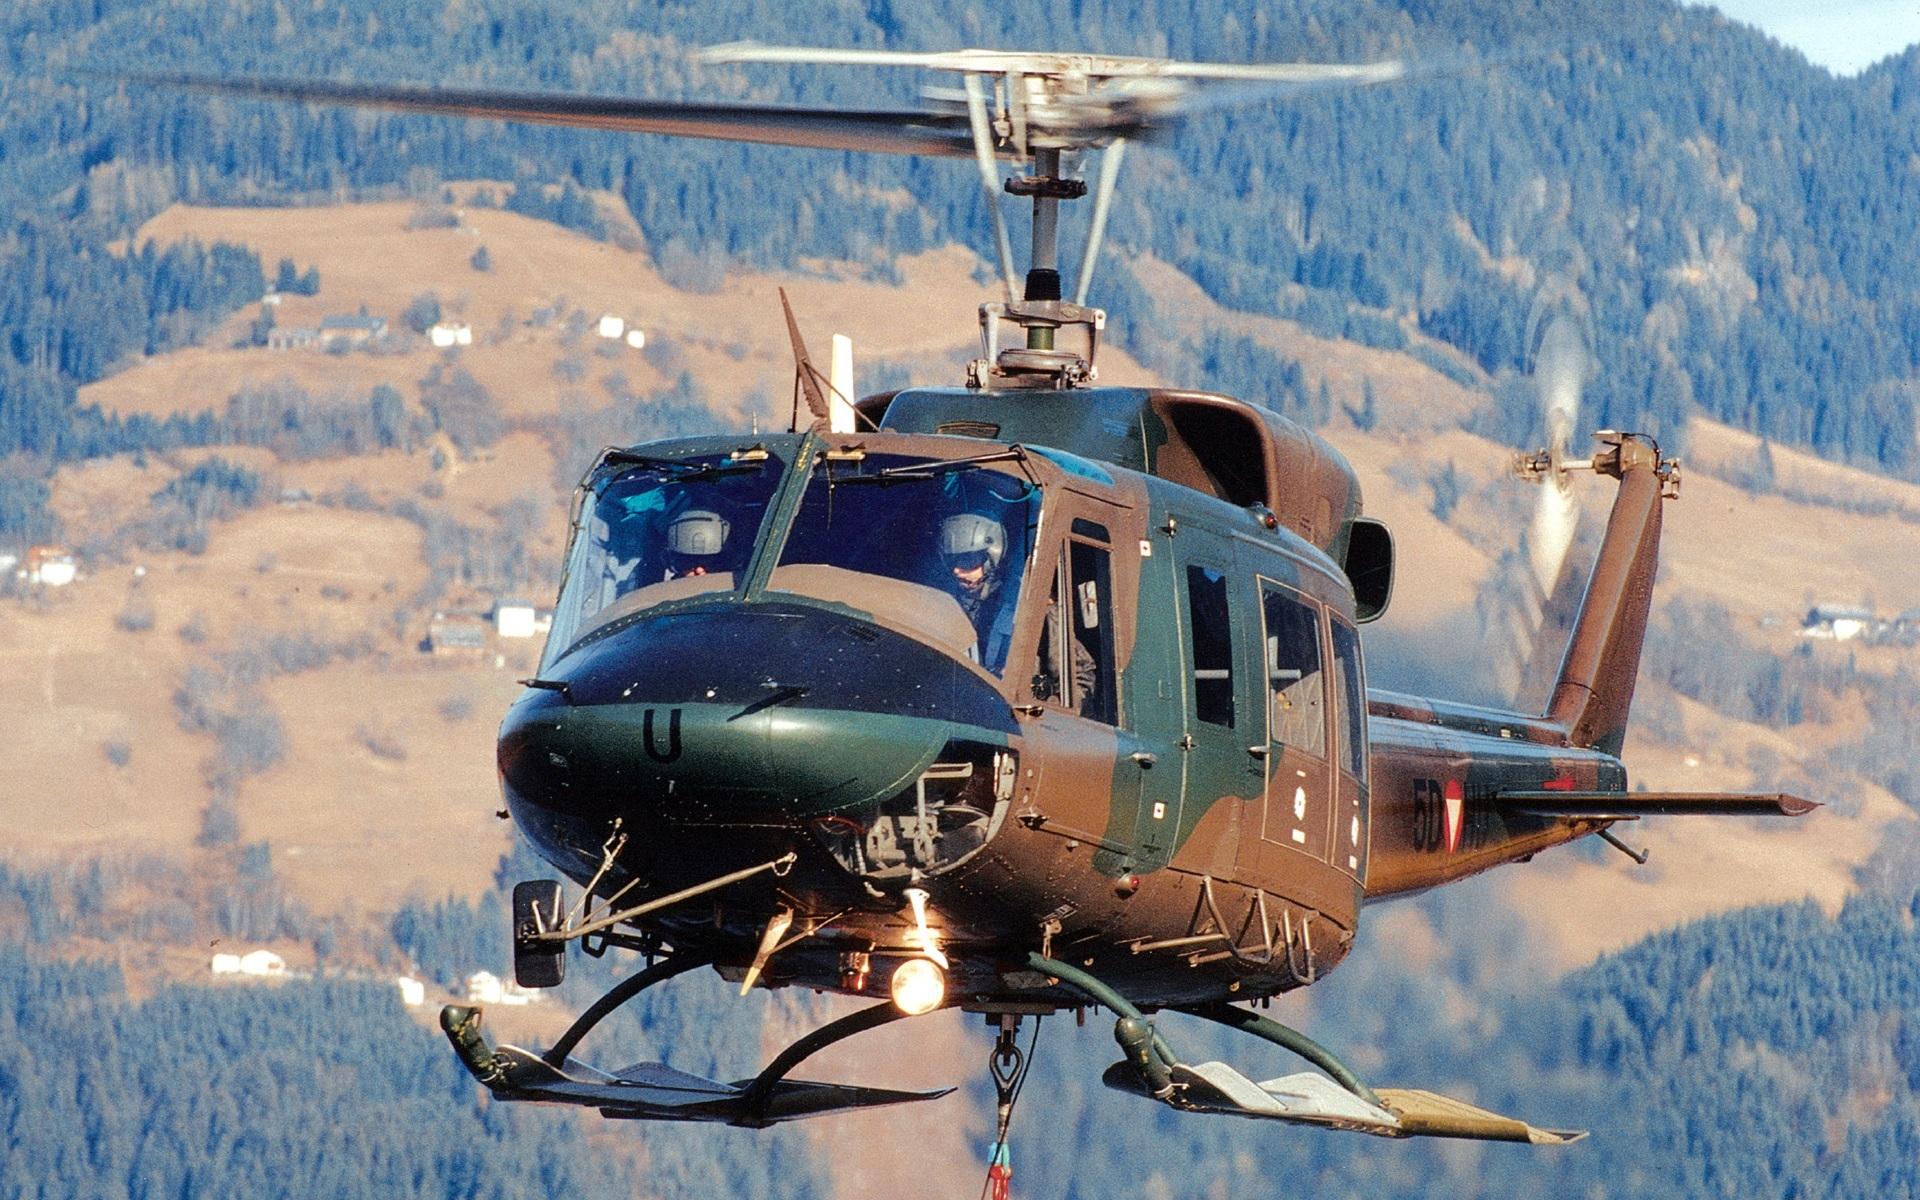 33237 Hintergrundbild herunterladen Transport, Hubschrauber - Bildschirmschoner und Bilder kostenlos